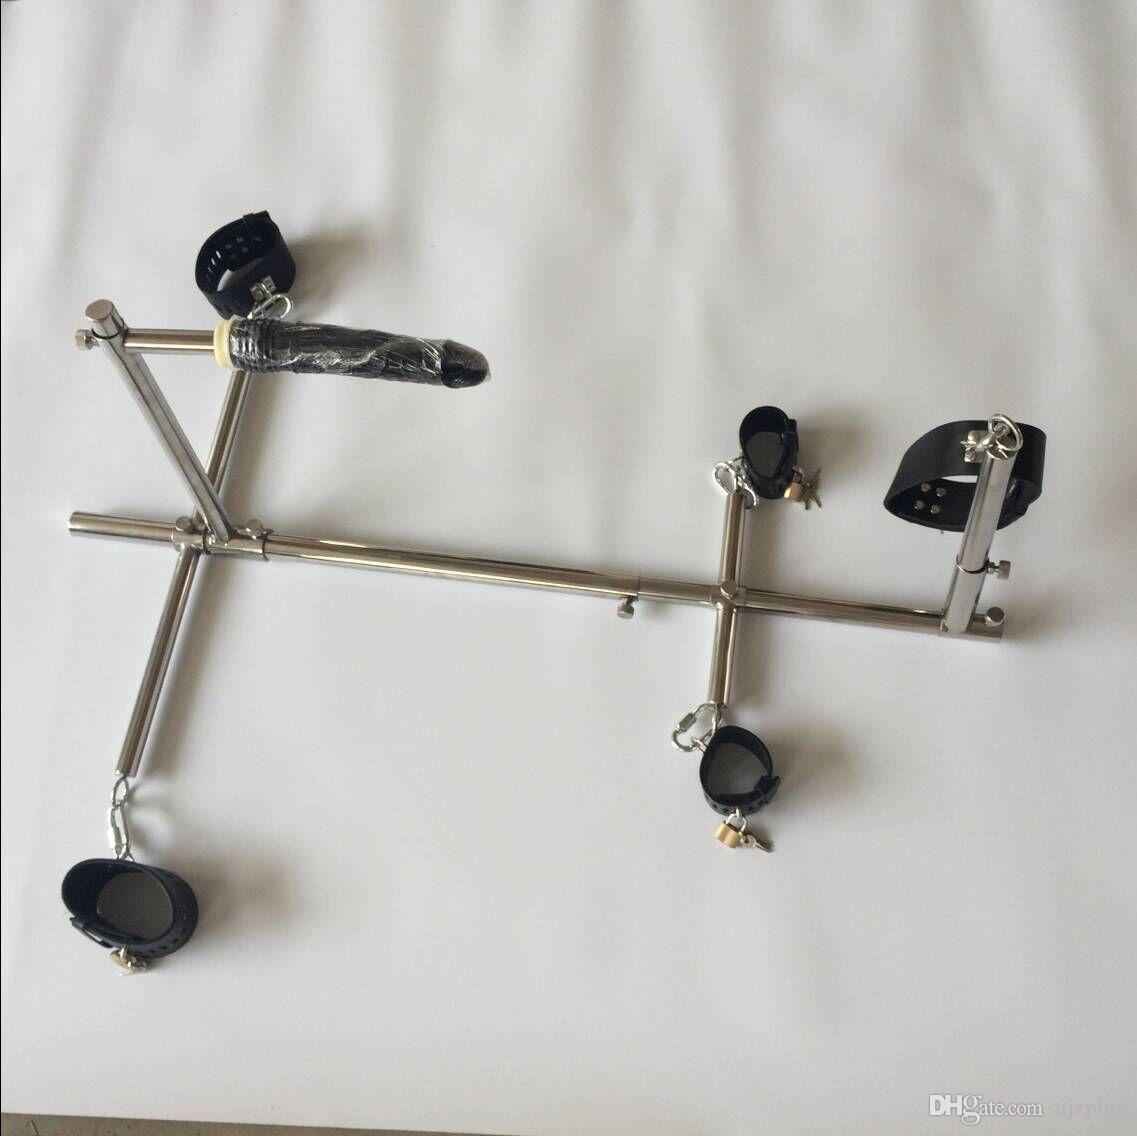 남녀 겸용 스테인레스 스틸 본디지 프레임 강아지 노예 BDSM 장치는 수갑 걸쇠를 설정 발목 팔목 목덜미의 딜도 성별 가구 장난감